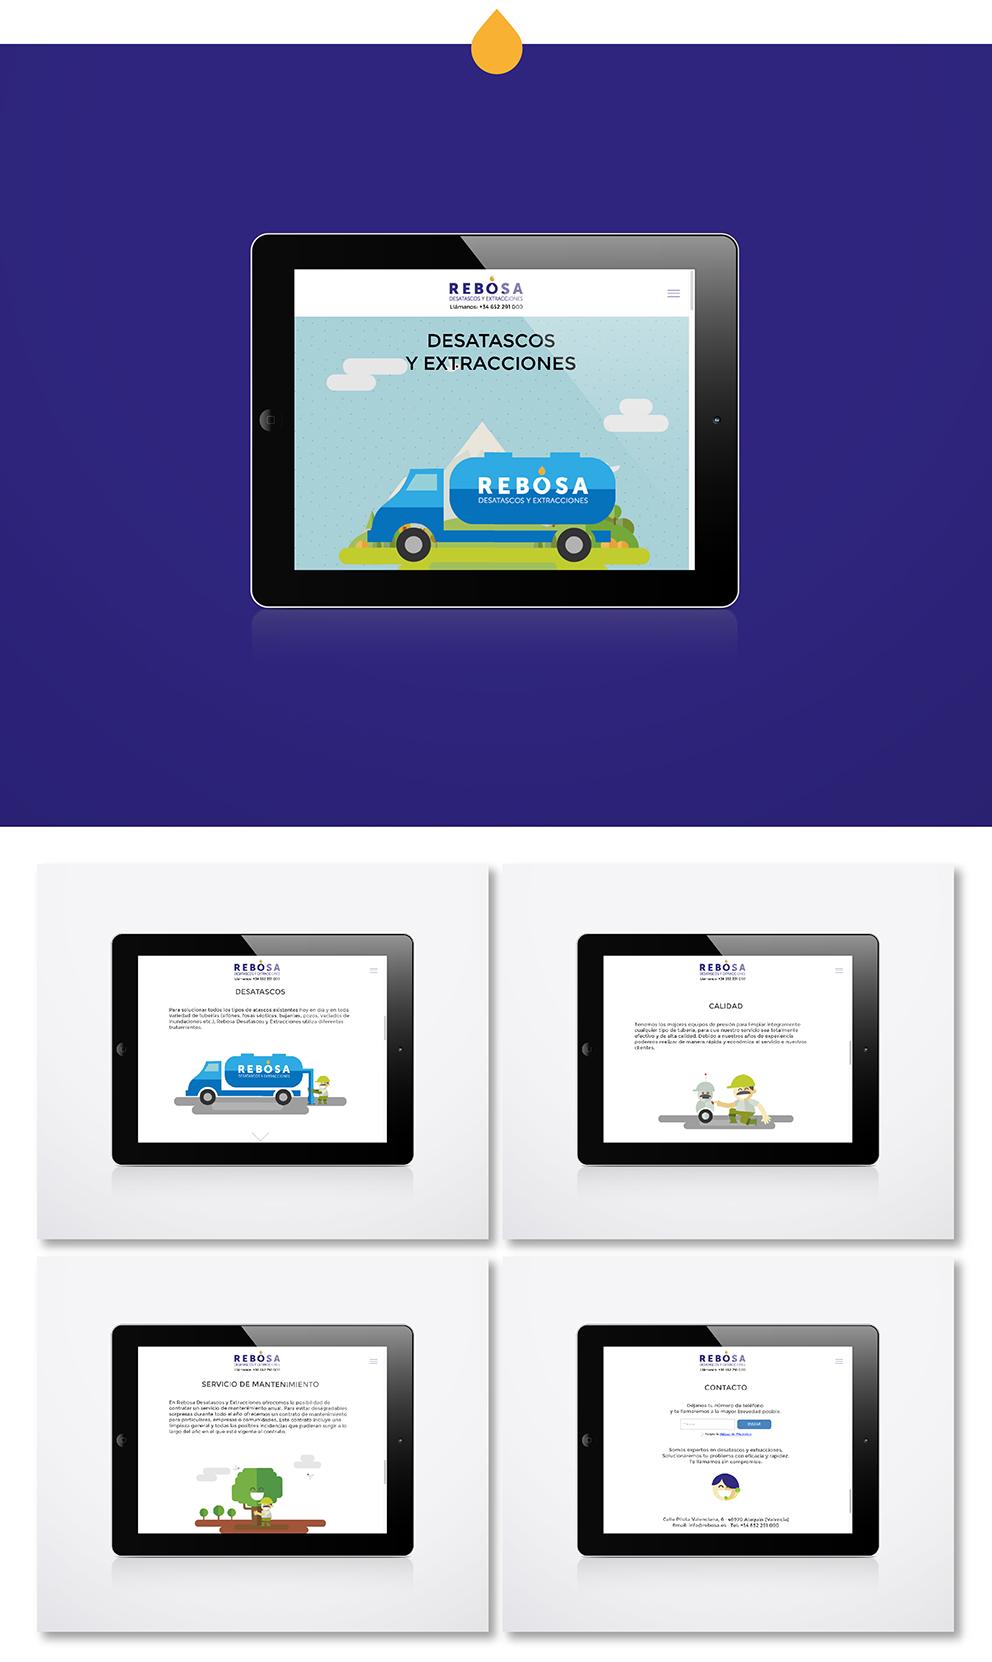 identidad corporativa rebosa marca naming diseño gráfico desatascos extracciones gif ilustración web responsive